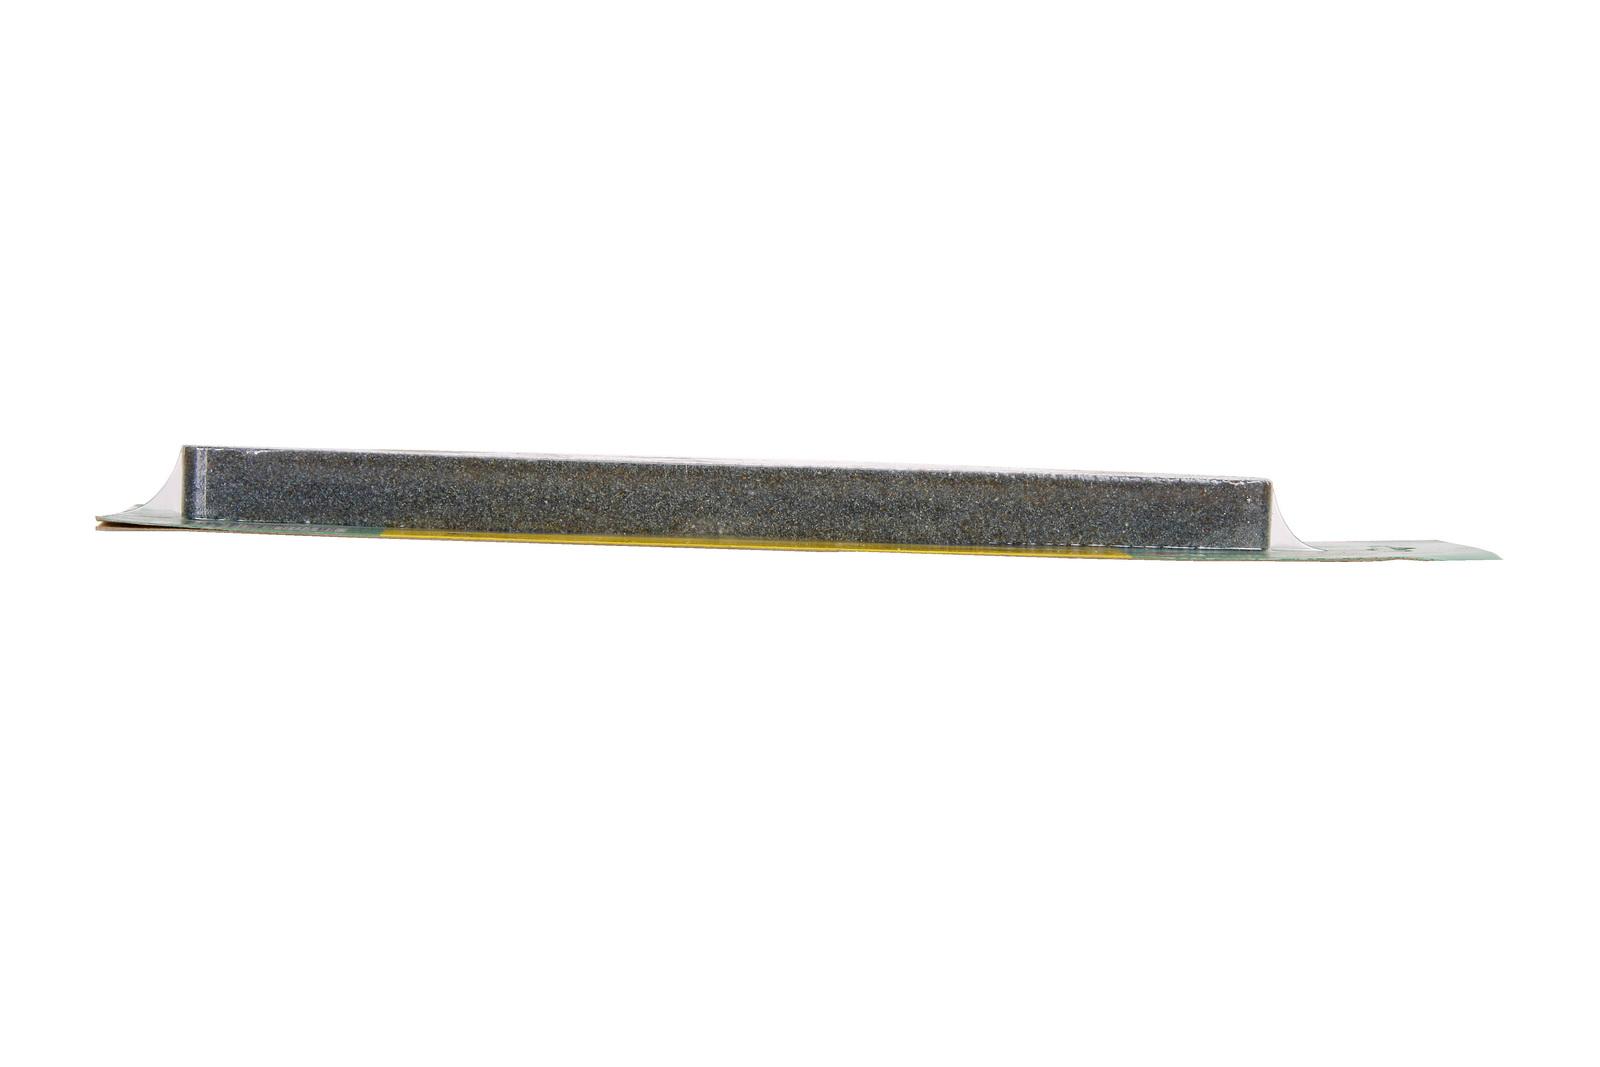 Брусок шлифовальный ЛУГА-АБРАЗИВ Лодочка 35 Х 15 Х 225 14А в индивидуальной упаковке